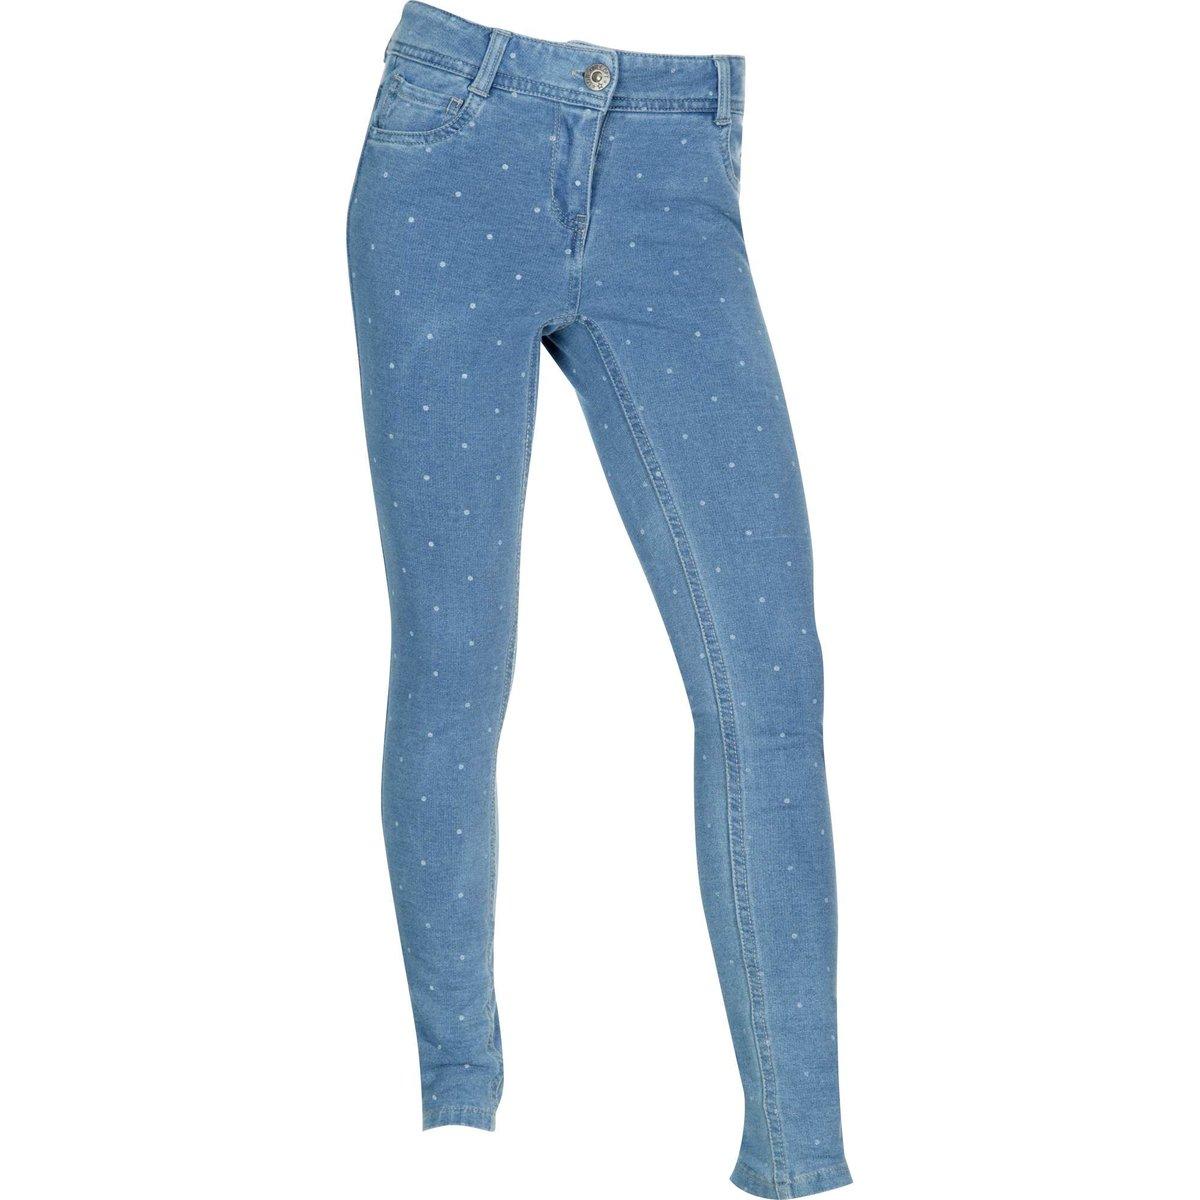 Про, картинки джинсы для девушек